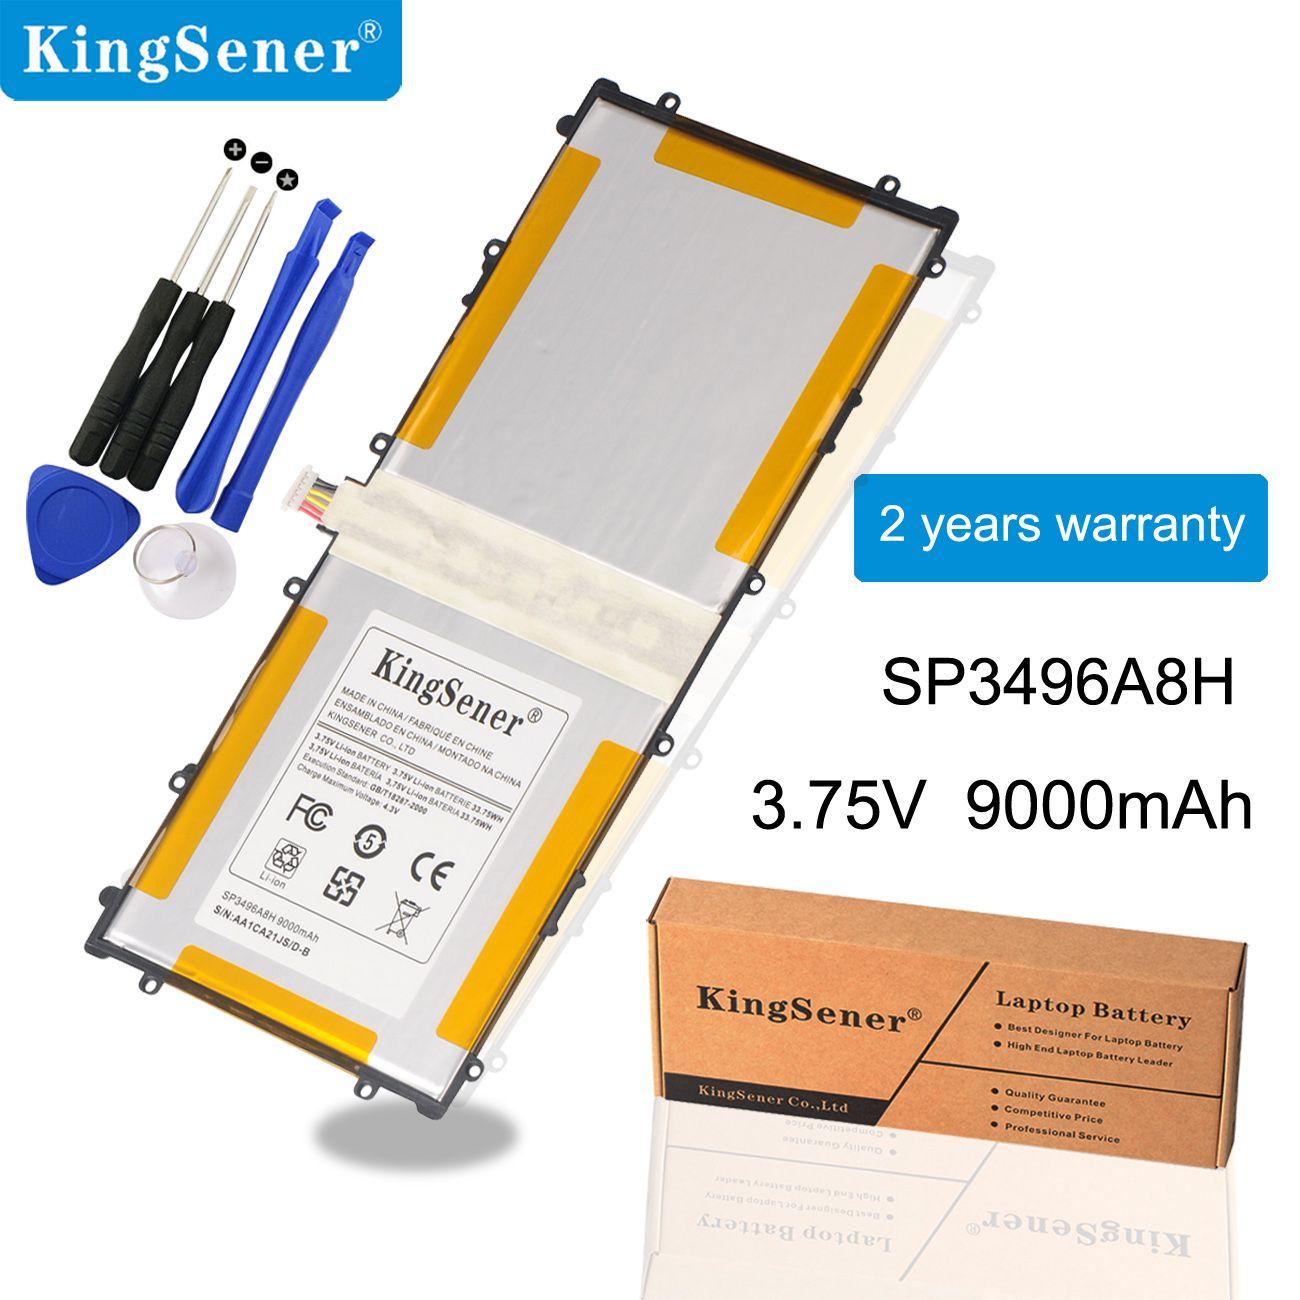 KingSener 3.75V 9000mAh SP3496A8H batterie pour Samsung Google Nexus 10 GT-P8110 HA32ARB P8110 piles pour tablettes + outil gratuit